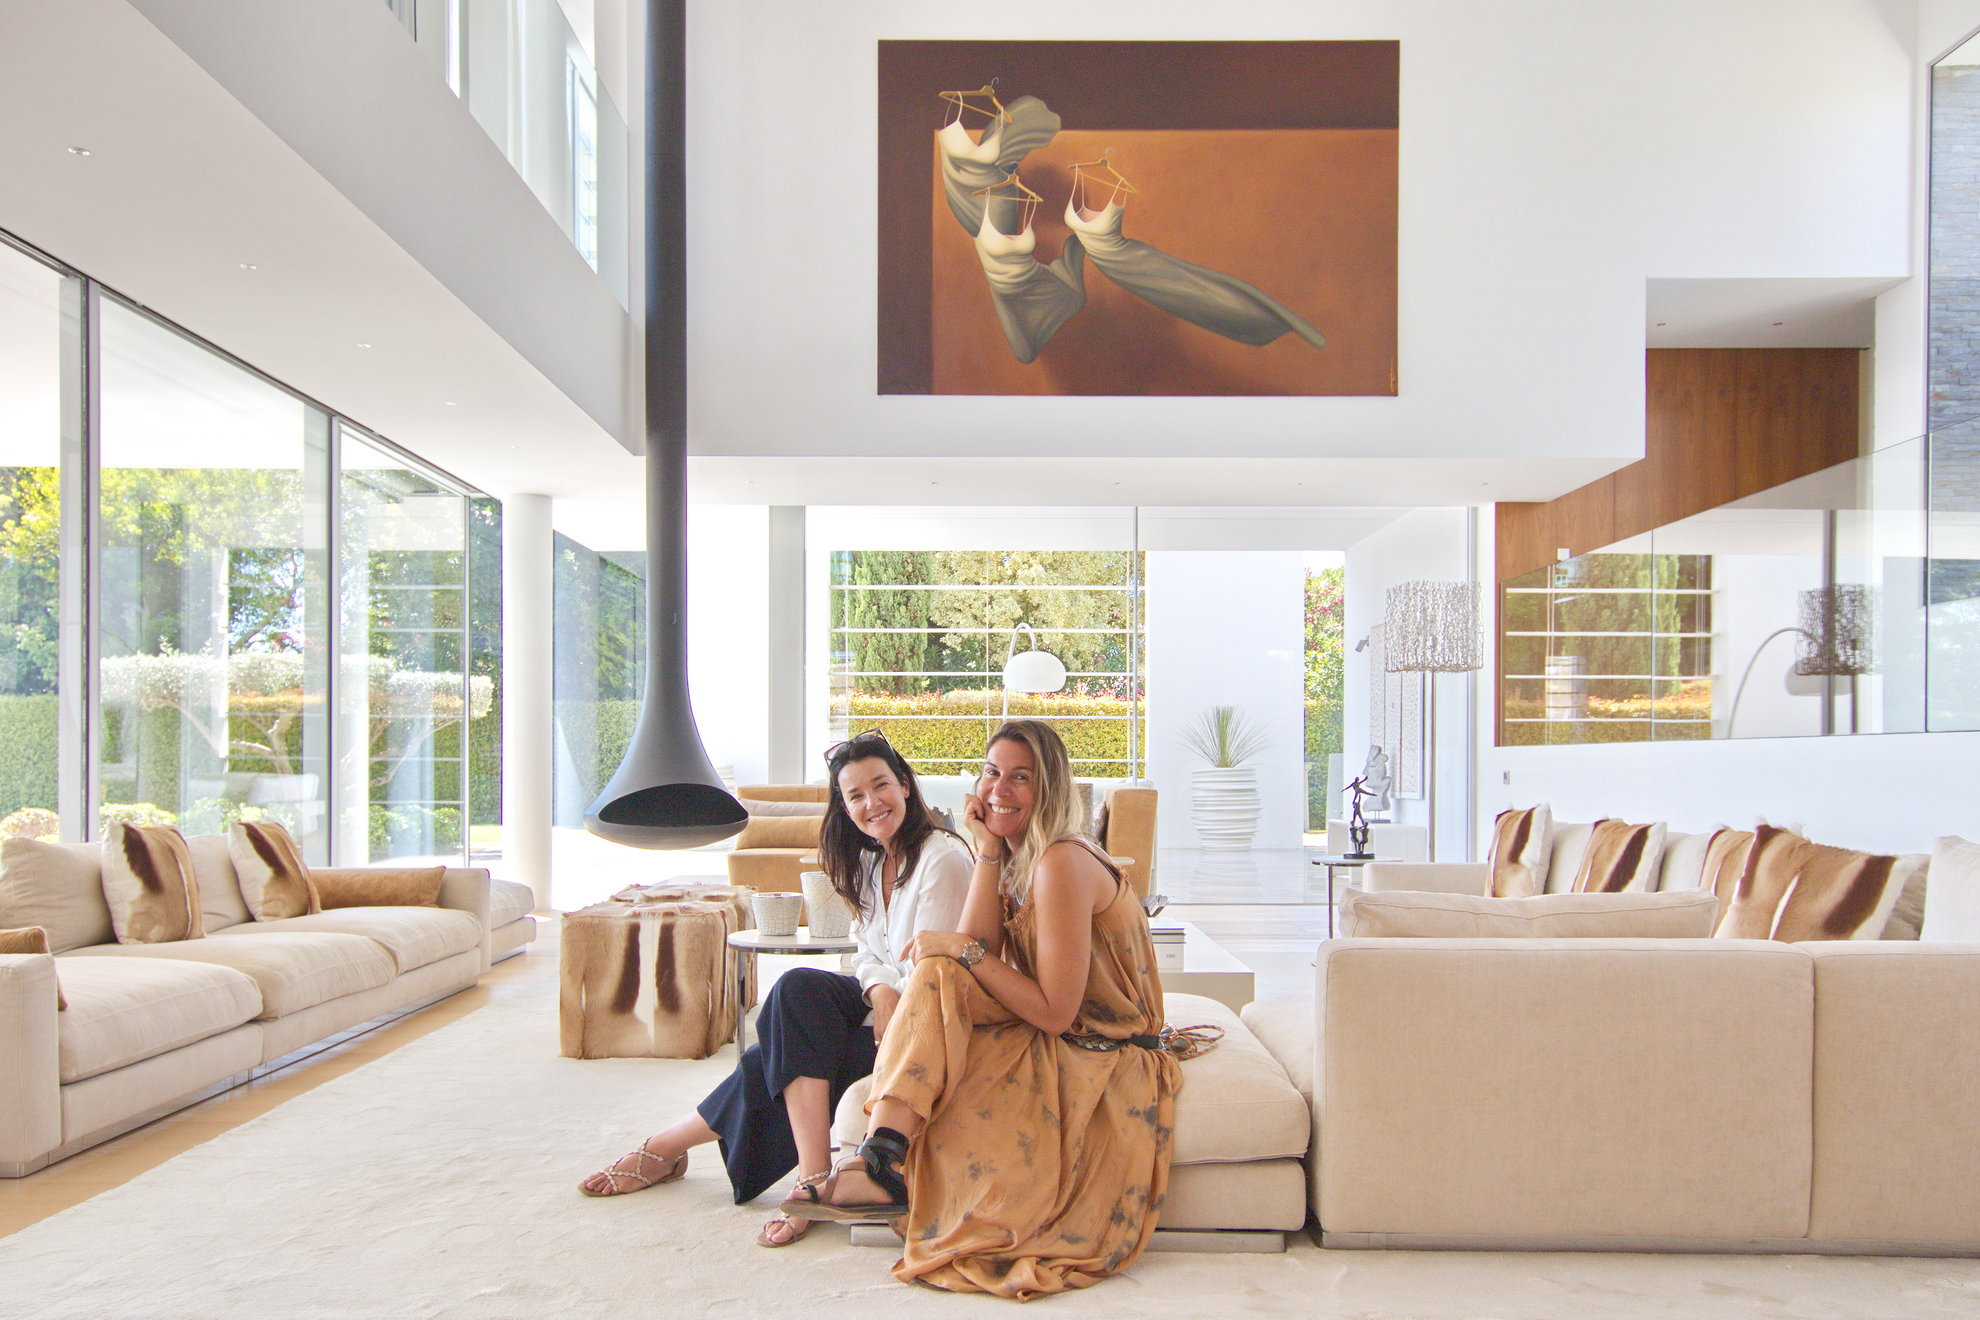 Rute und Rita, die Gesichter der Partner, die für die Immobilien von SEAU.com in Quinta do Lago und Vale do Lobo verantwortlich sind. Es ist ihr lokales Immobilienwissen und ihre gute Atmosphäre, an die Sie sich erinnern werden, wenn Sie ein Haus in Quinta do Lago und Vale do Lobo kaufen müssen!